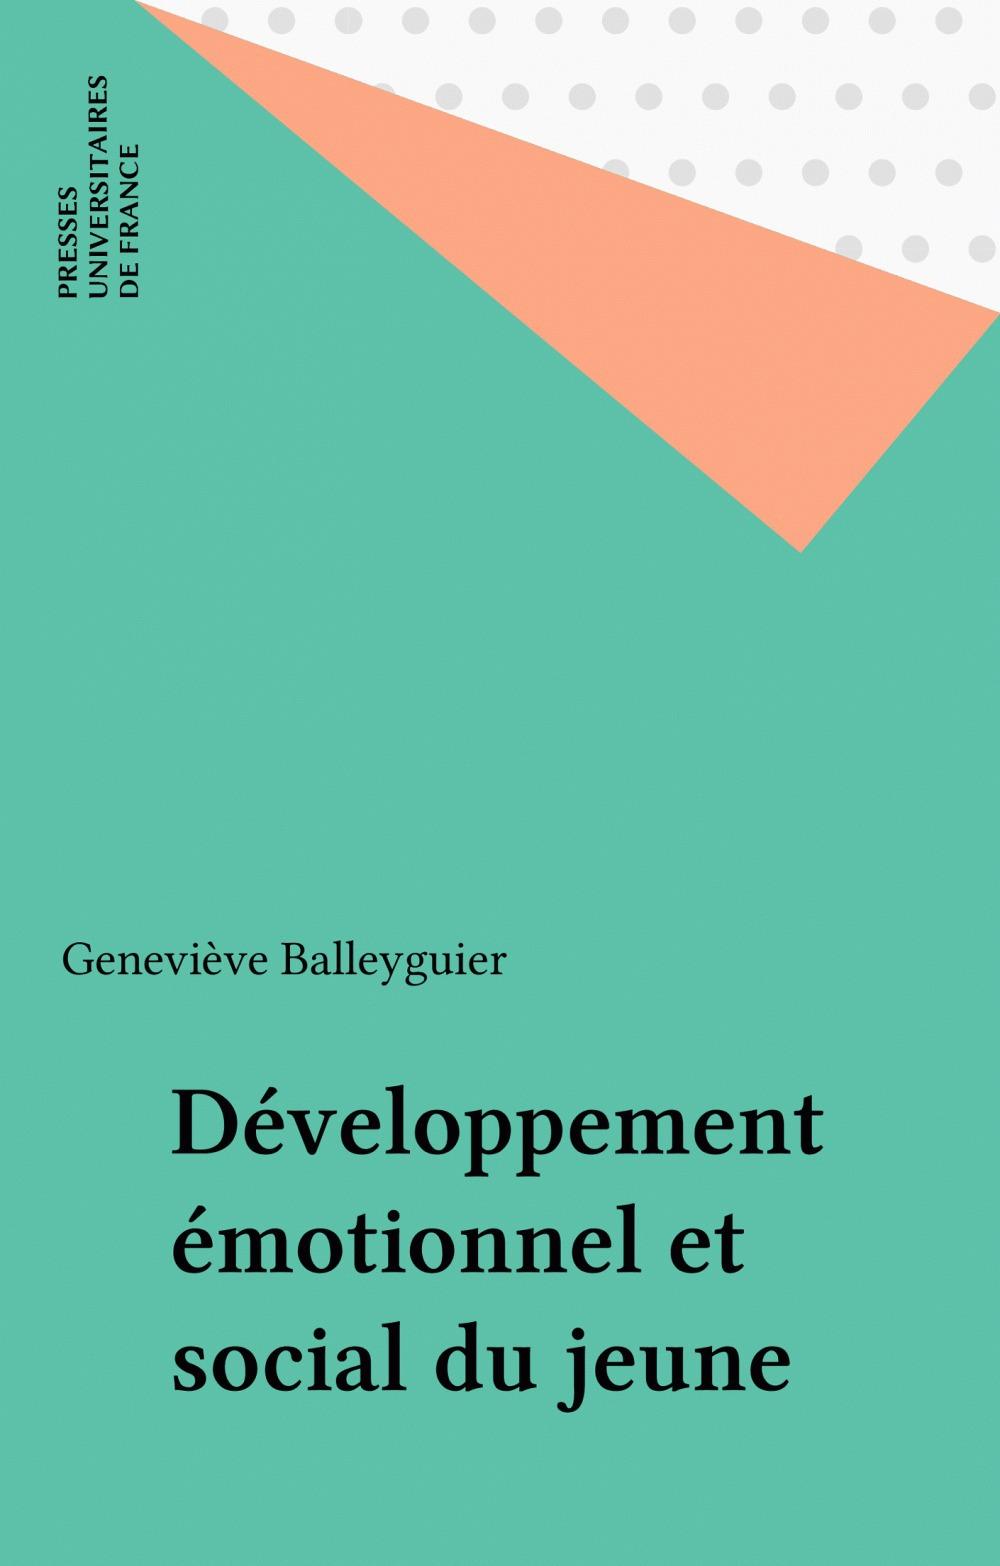 Geneviève Balleyguier Développement émotionnel et social du jeune